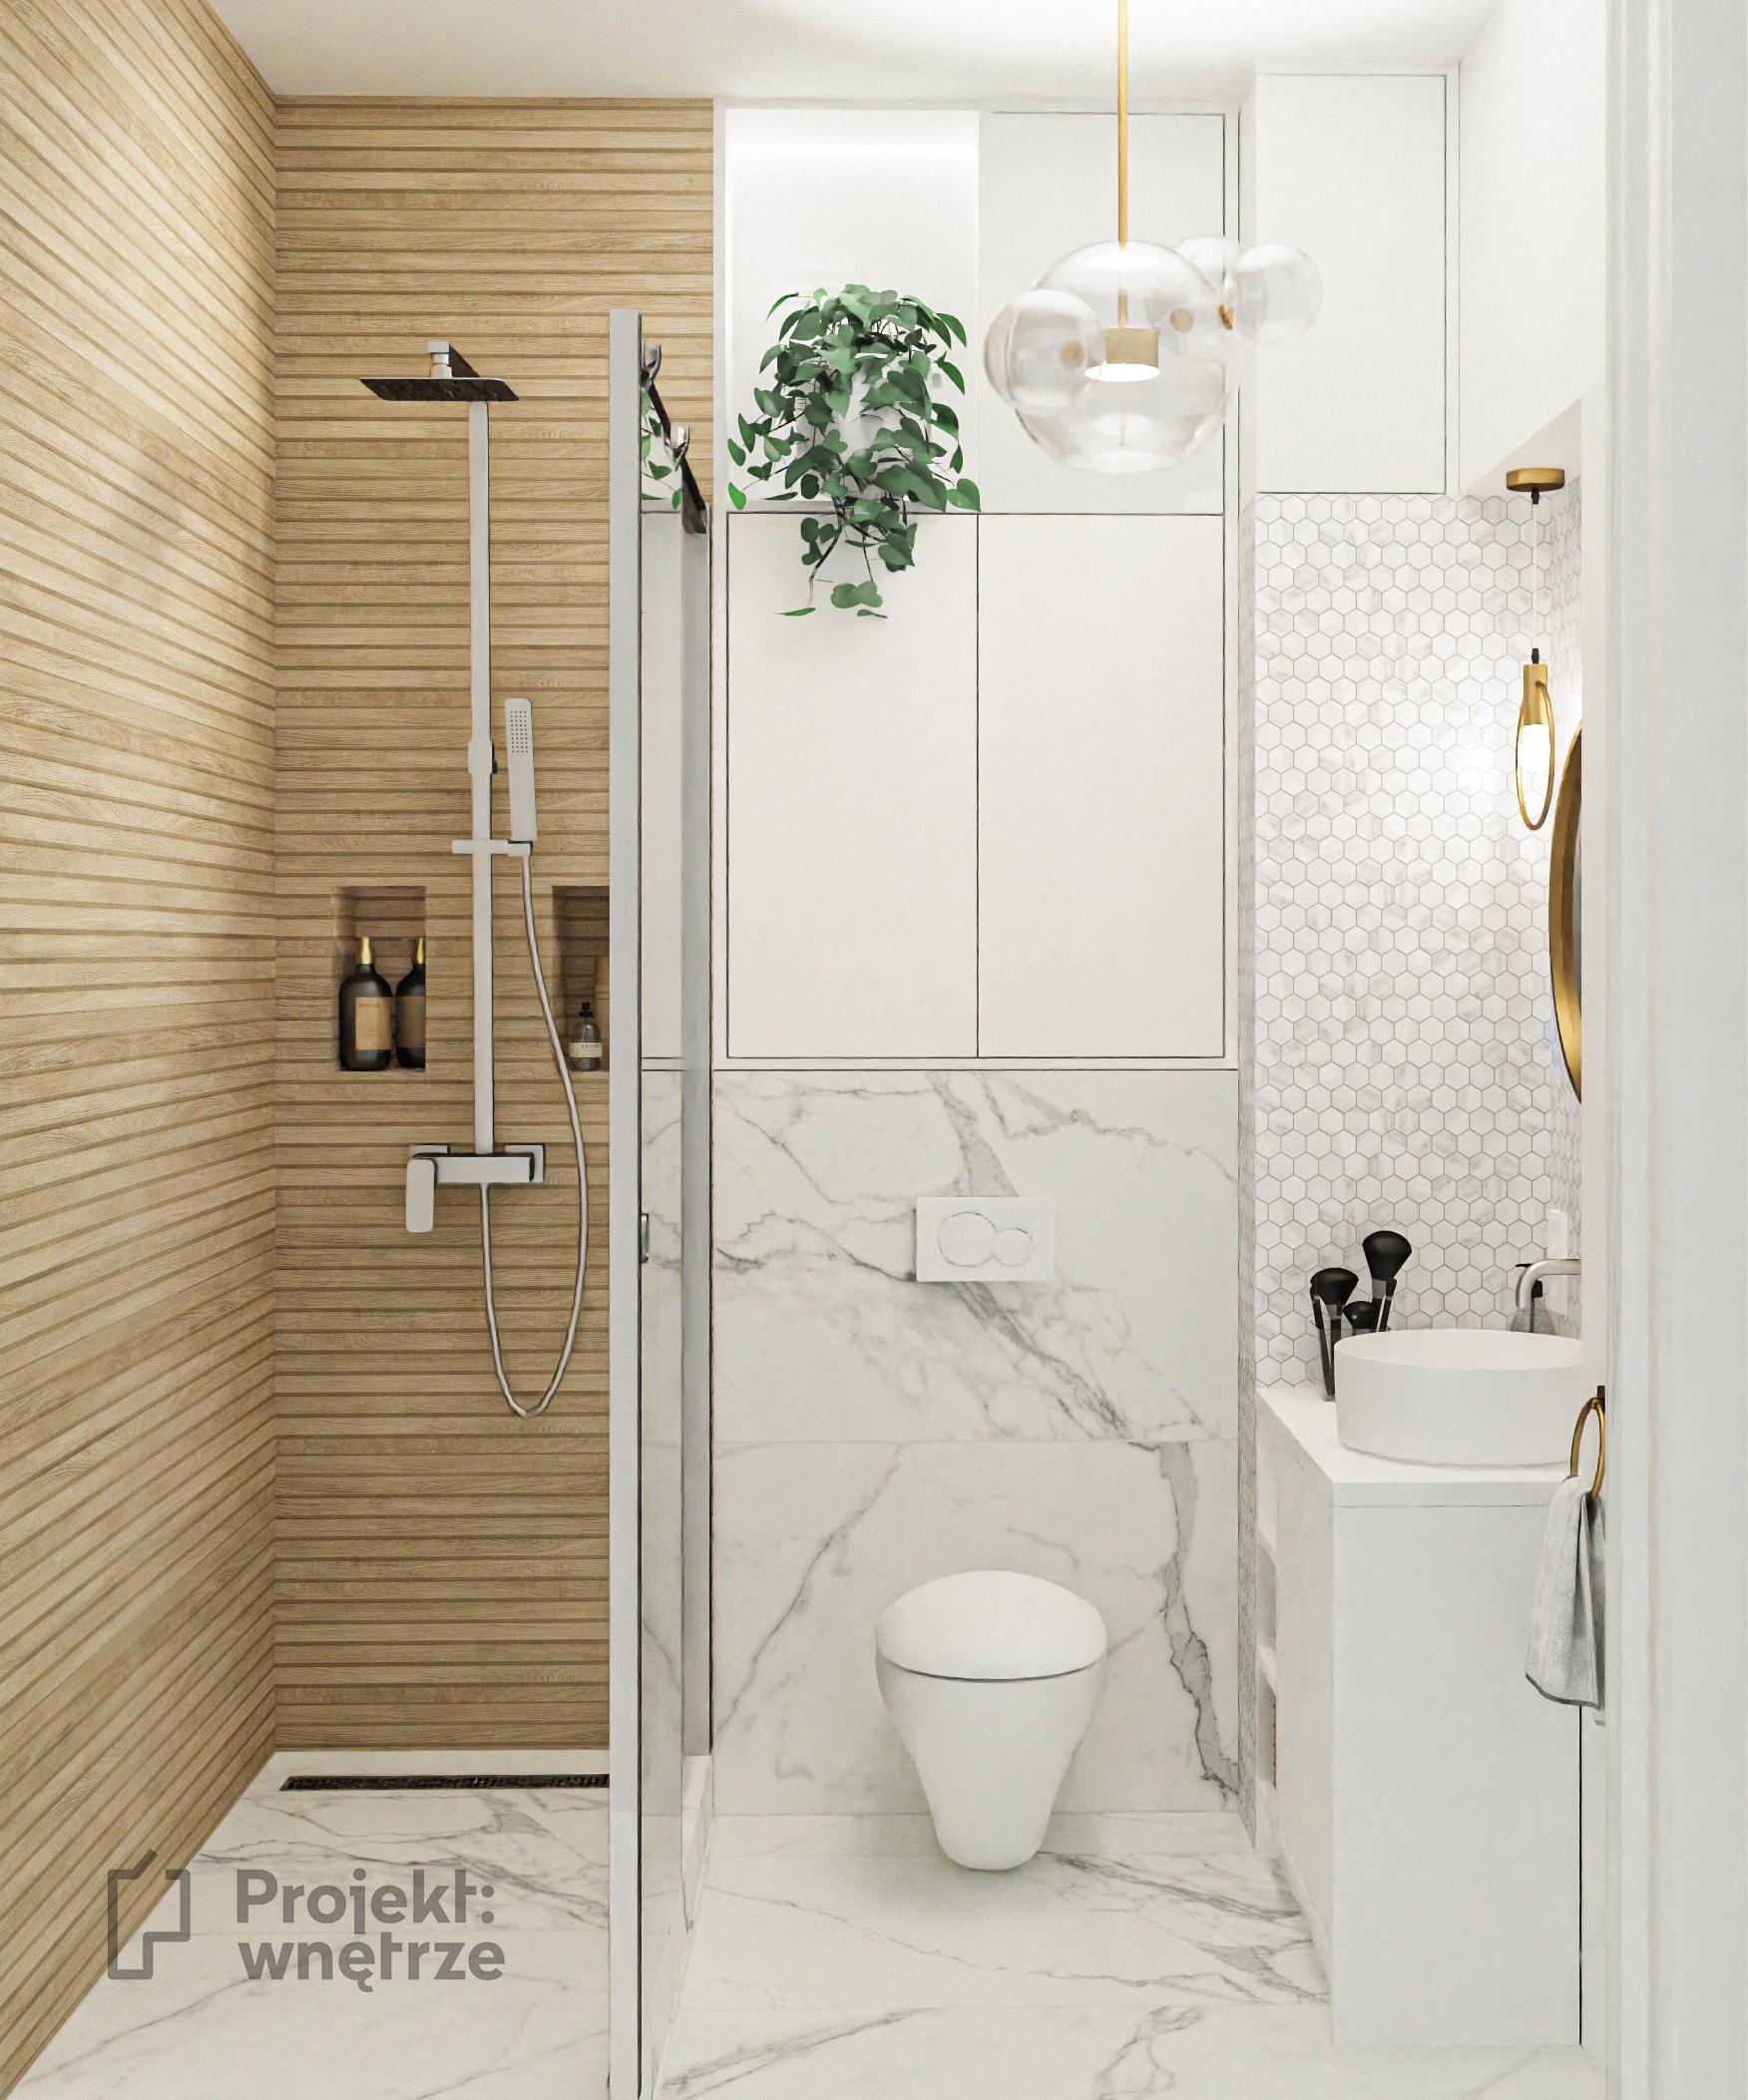 Mała elegancka łazienka marmur heksagon drewniane płytki Venis Starwood lamele okrągłe złote lustro mała umywalka - projekt łazienki PROJEKT WNĘTRZE www.projektwnetrze.com.pl